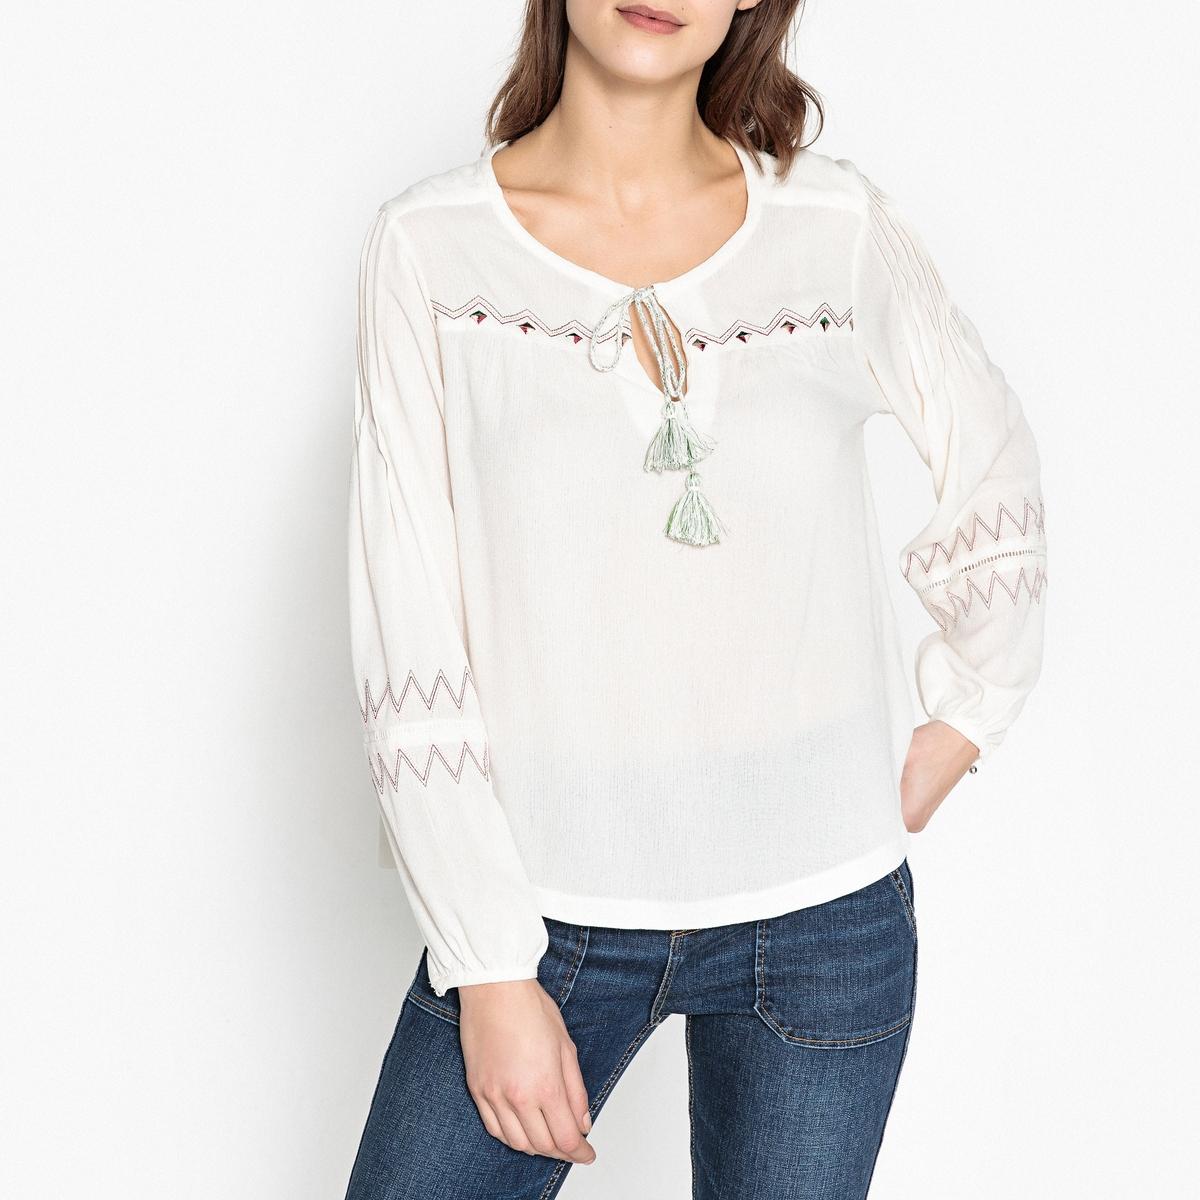 Блузка с вышивкой блузка с вышивкой в стиле фолк